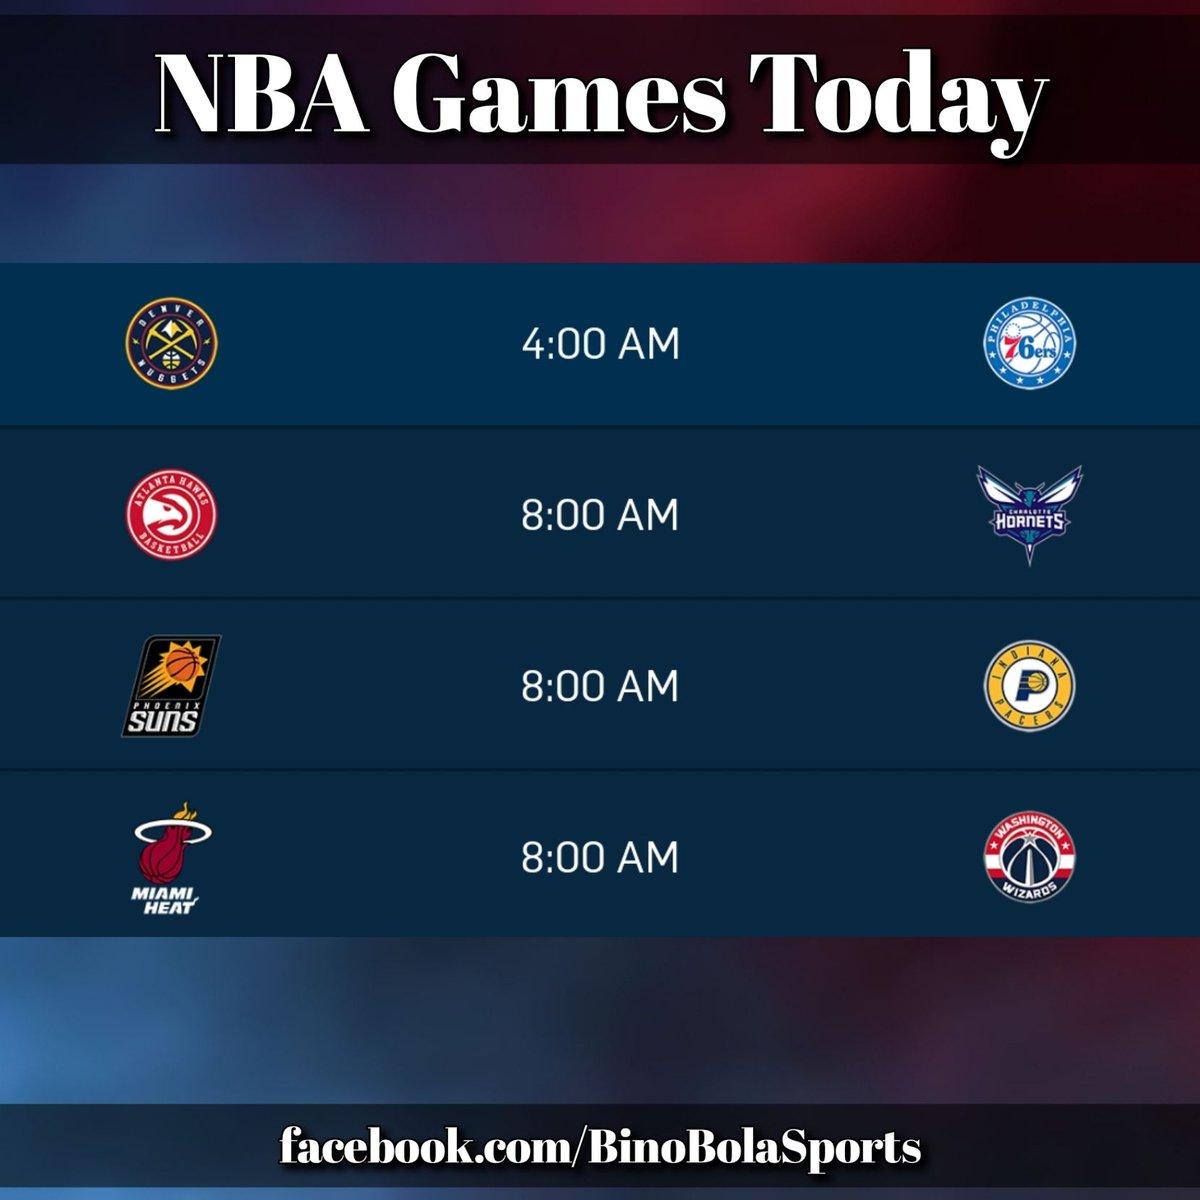 NBA games today! #RegularSeason #Day18 #BinoBolaSports #GamesSchedules (1/2)